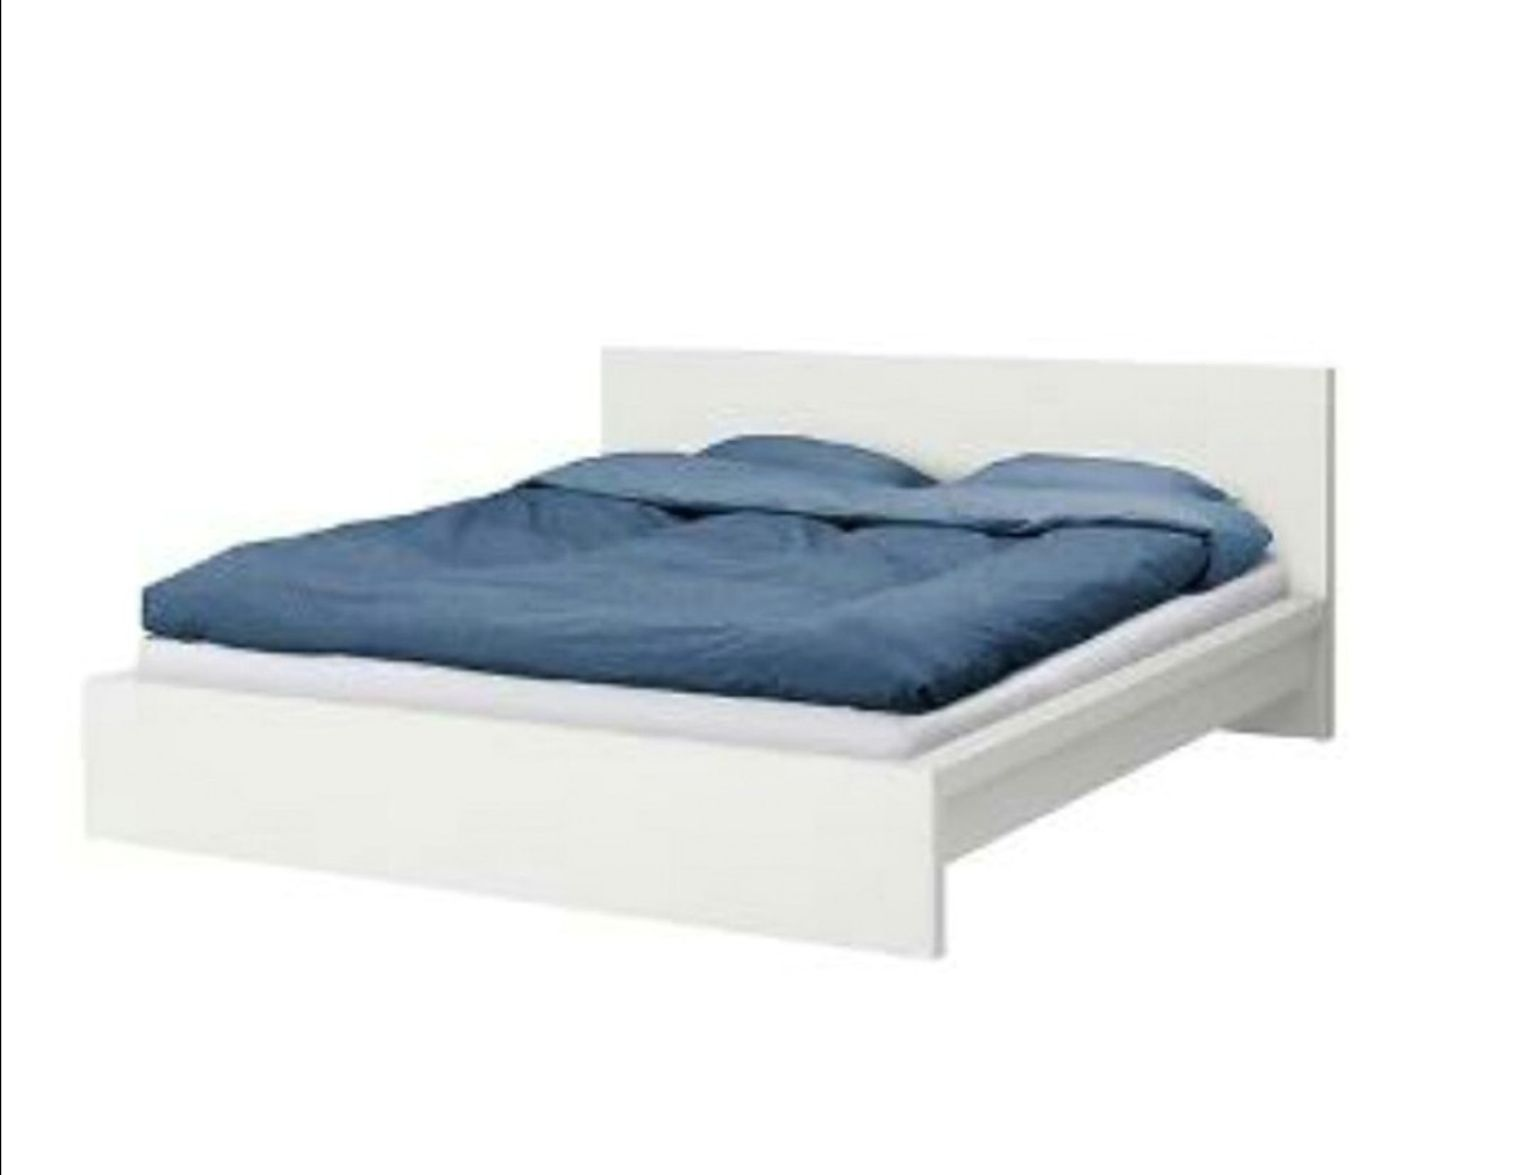 Full Size of Halbhohes Bett Ikea 140x200 Weiss Wasser Rauch Betten Mit Bettkasten Futon Ohne Kopfteil Flexa 160x200 Komplett Gästebett Bettwäsche Sprüche 200x220 Sofa Wohnzimmer Halbhohes Bett Ikea